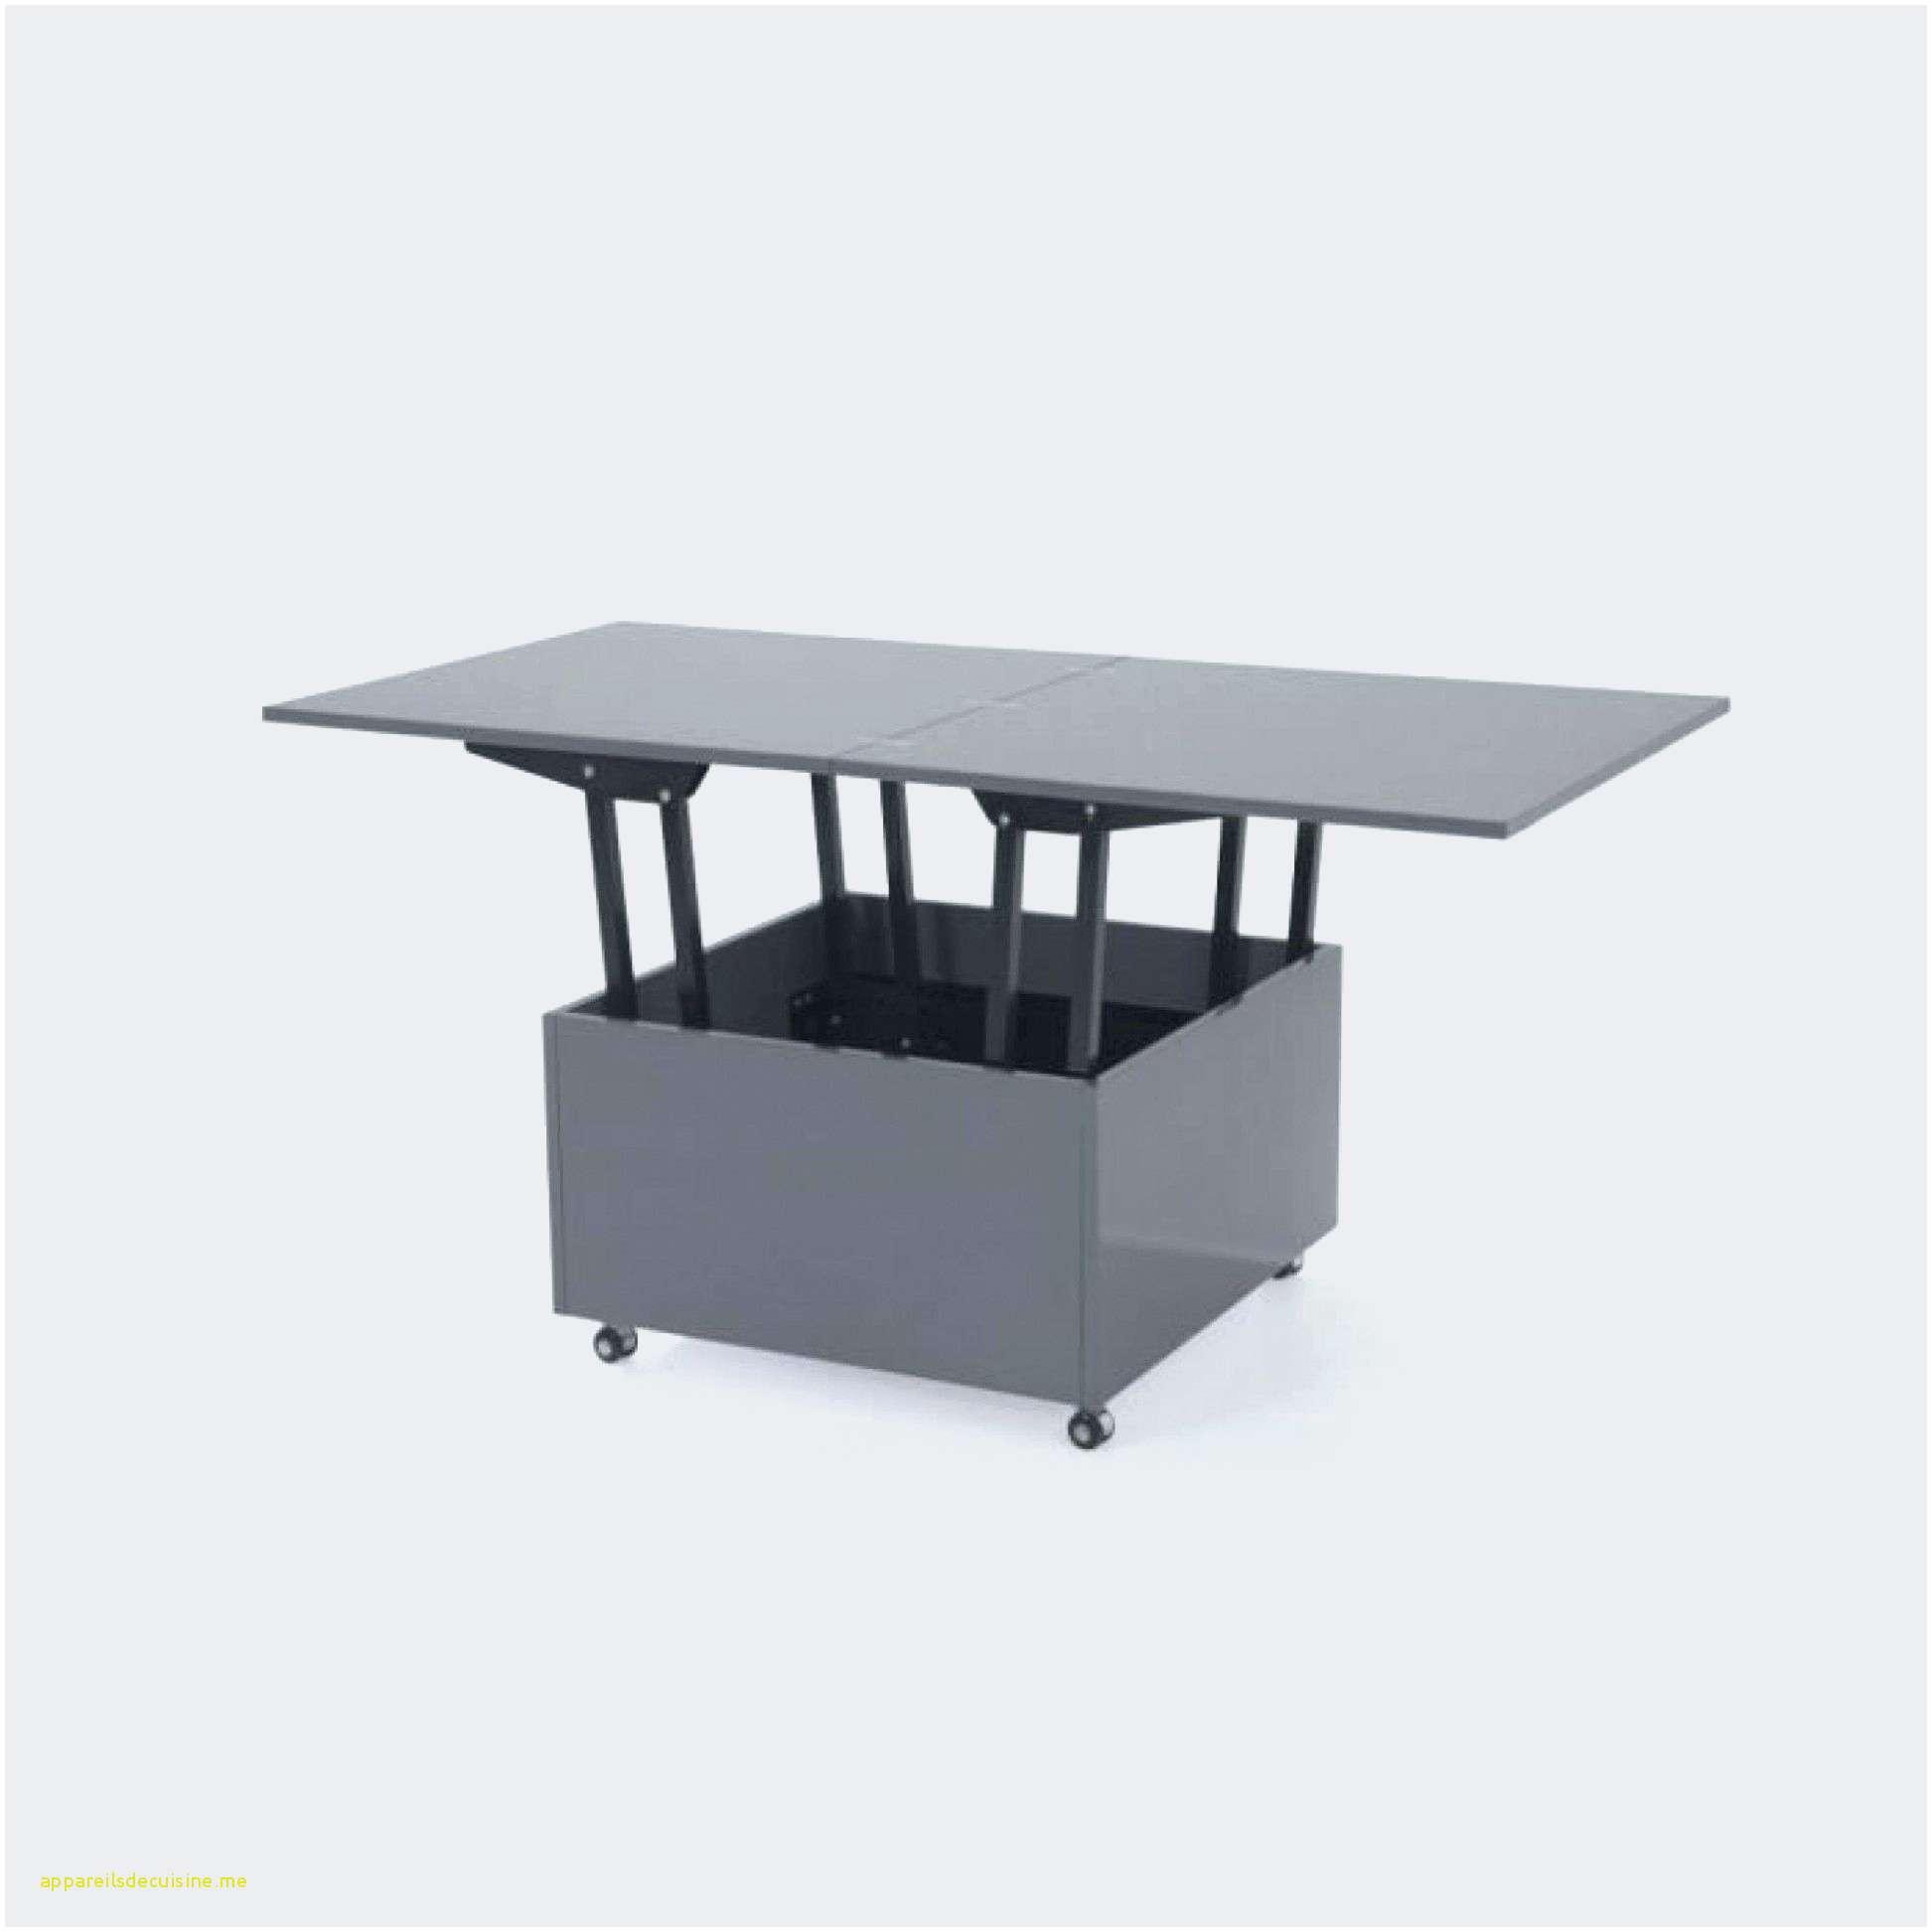 table pliante marche resultat superieur table salon bois massif meilleur de table cuisine bois massif frais fauteuil salon 0d inspire meilleur de 40 de table carree bois schc2a8me pour selec